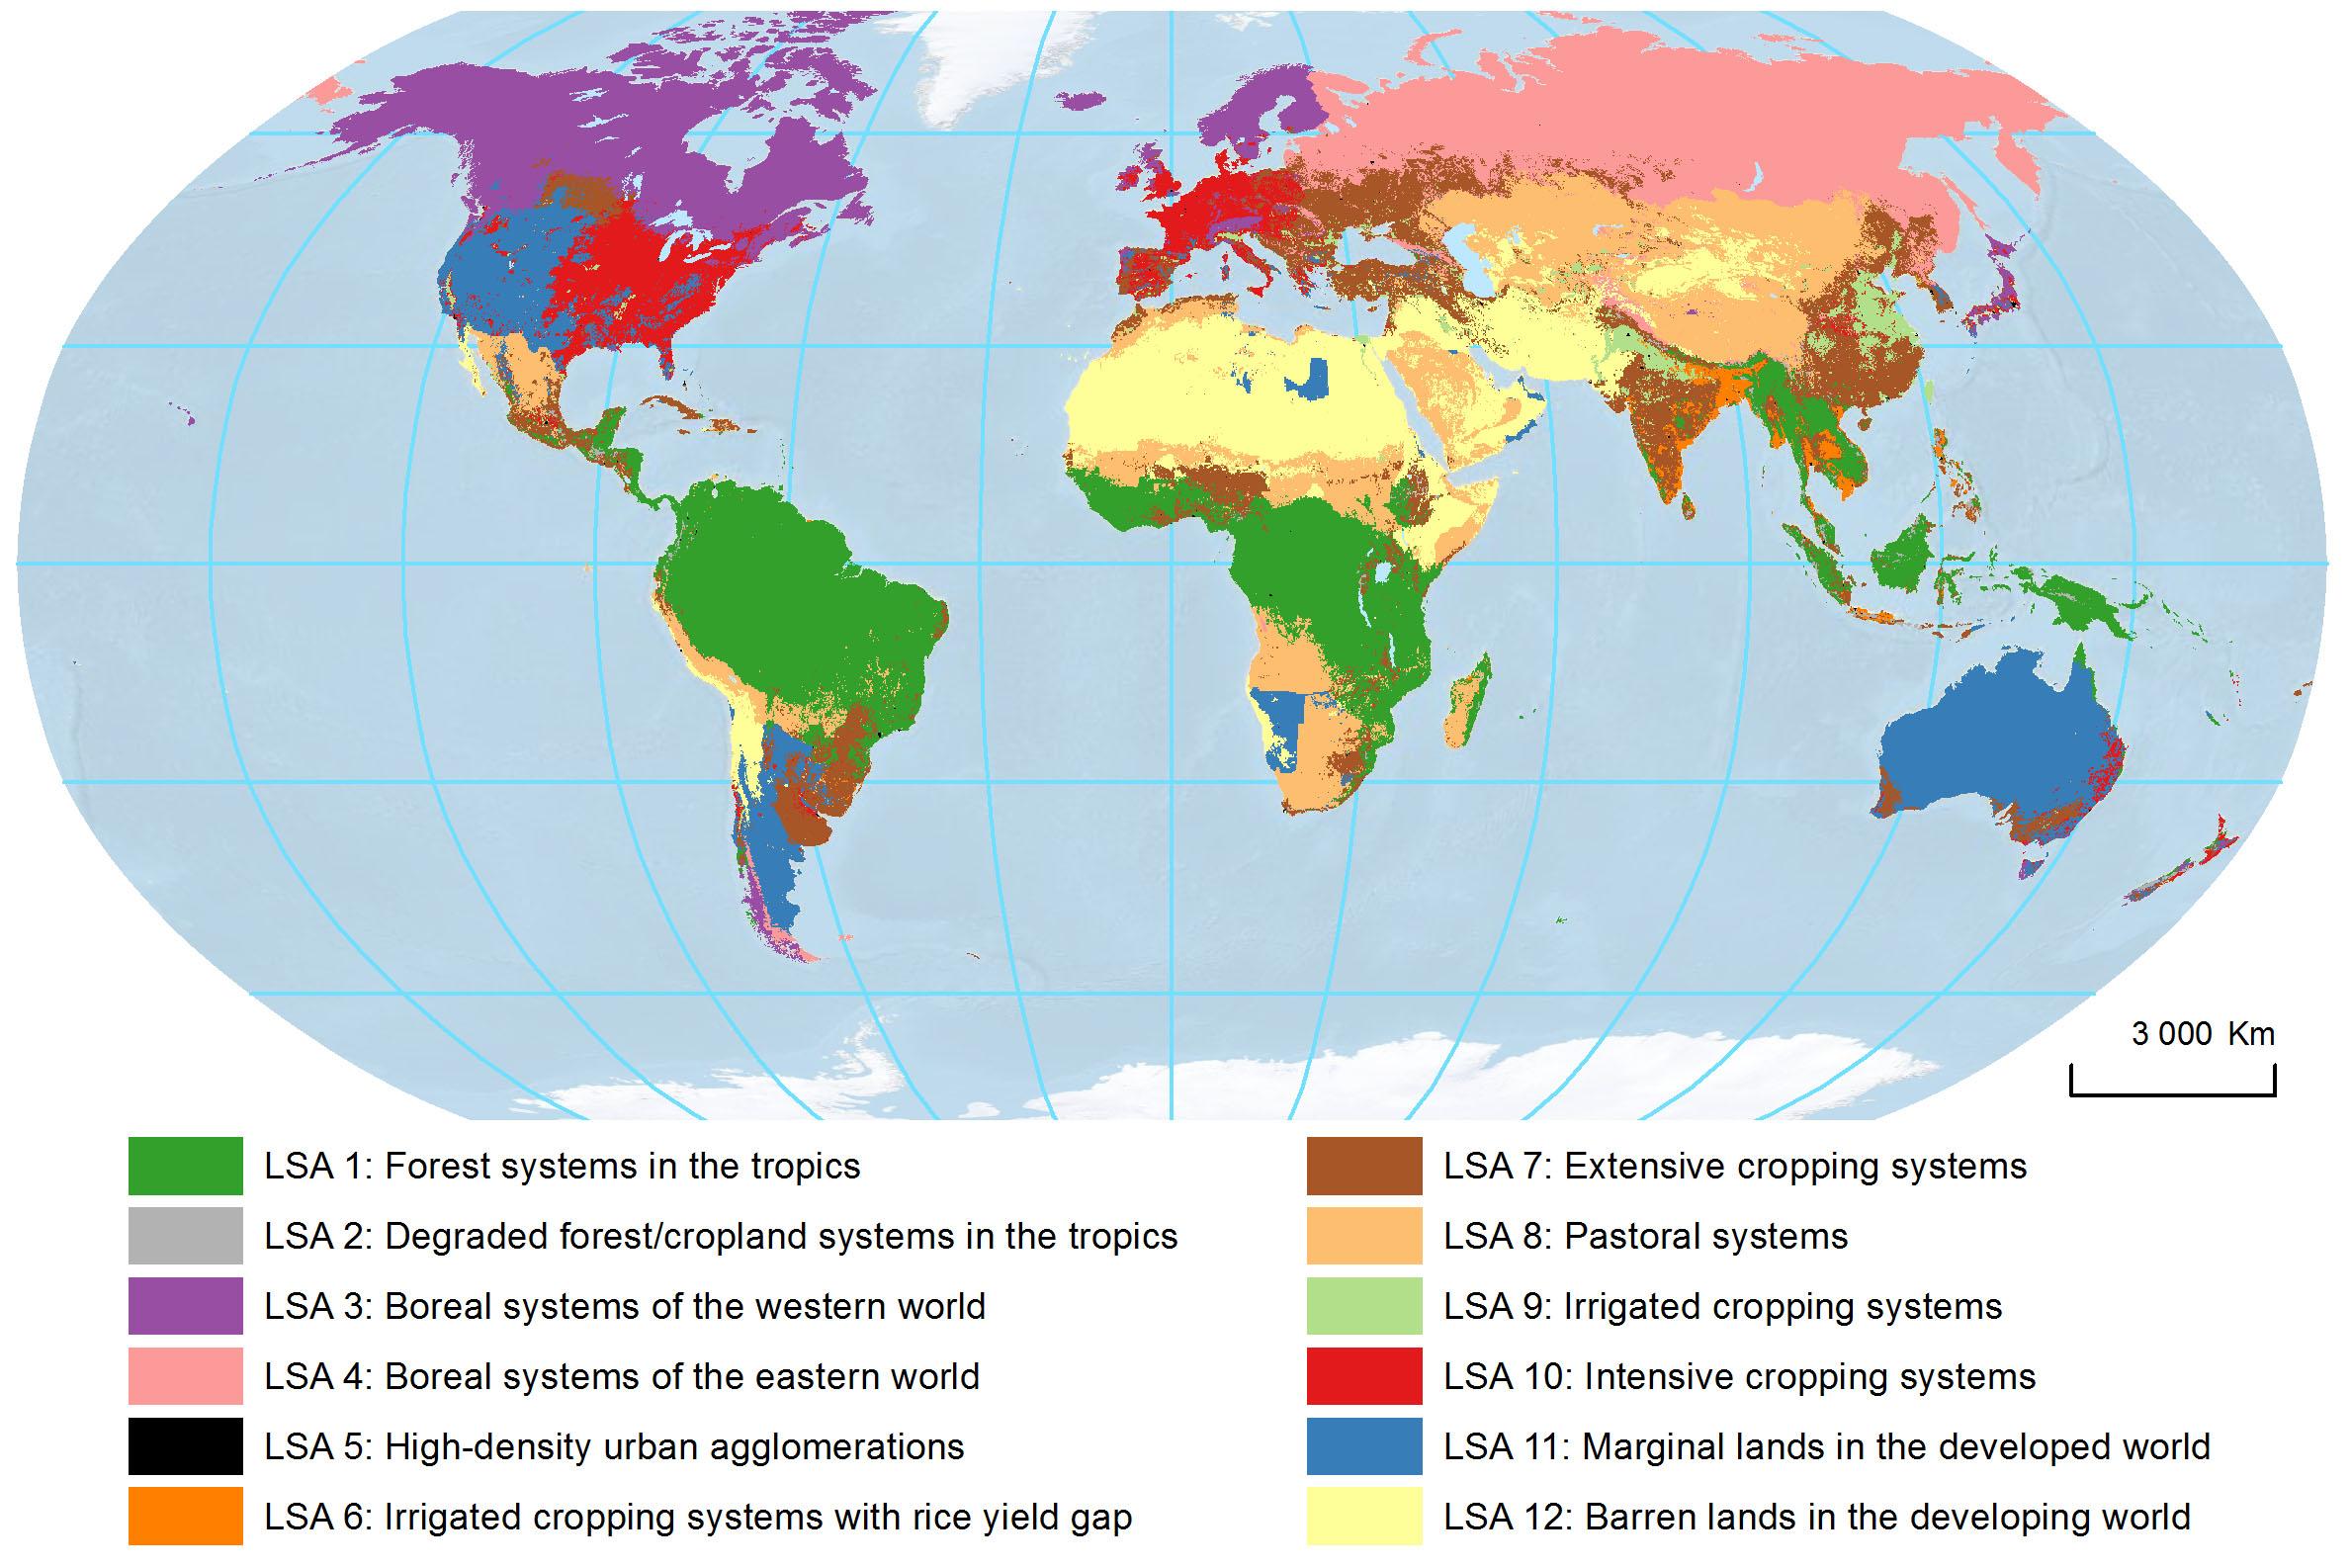 https://www.geographie.hu-berlin.de/en/professorships/biogeography/News/global_archetypes